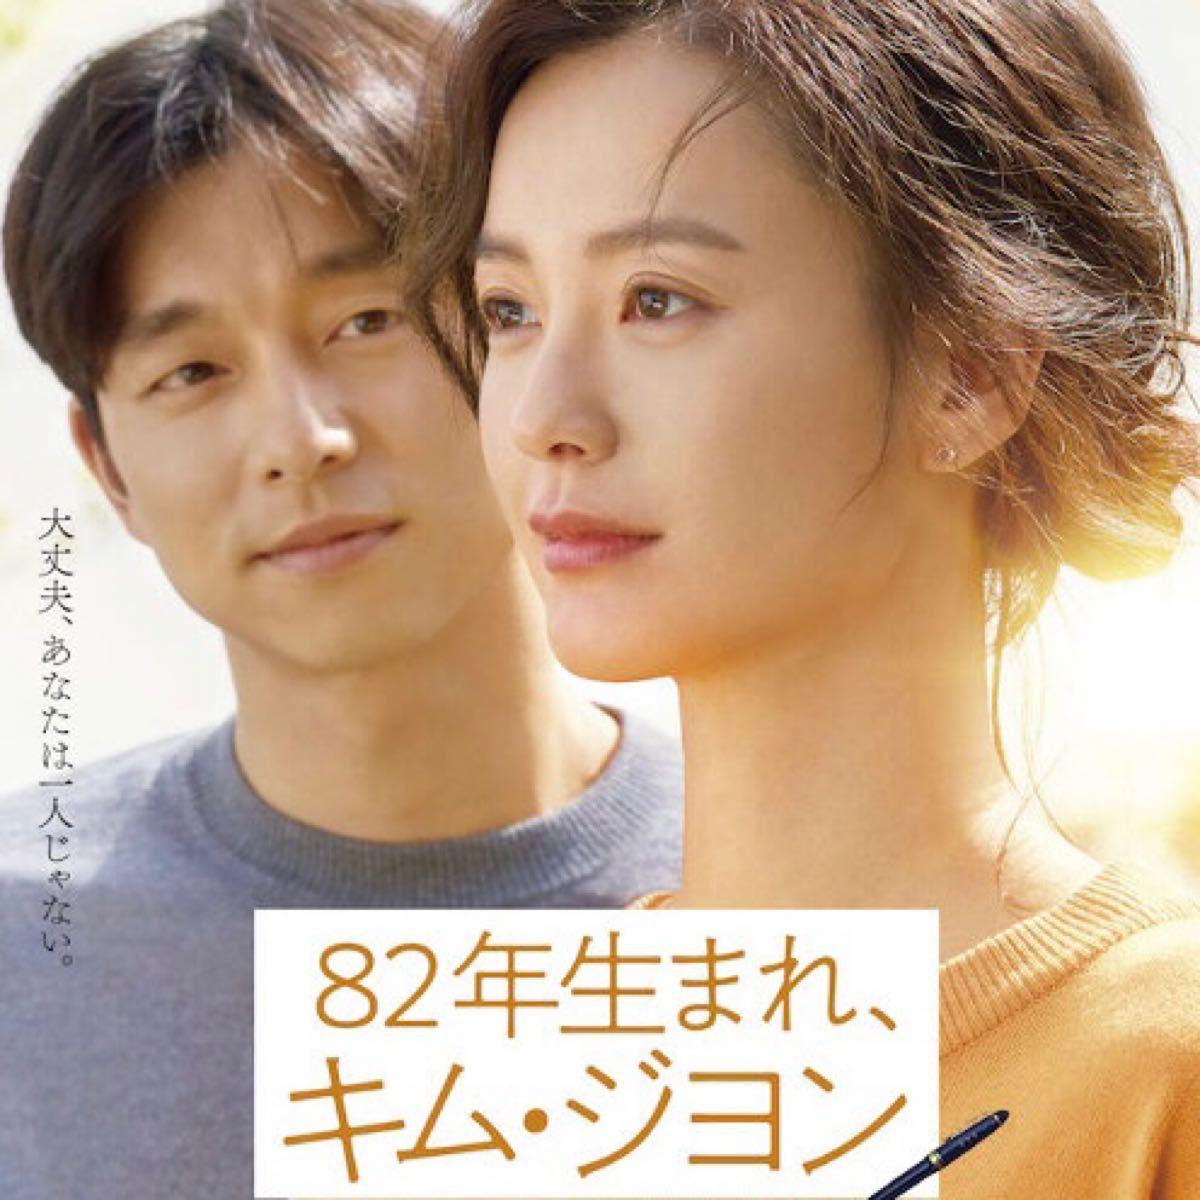 韓国映画 82年生まれ、キム・ジヨン  コン・ユ  チョン・ユミ  共演  DVD  レーベル有り